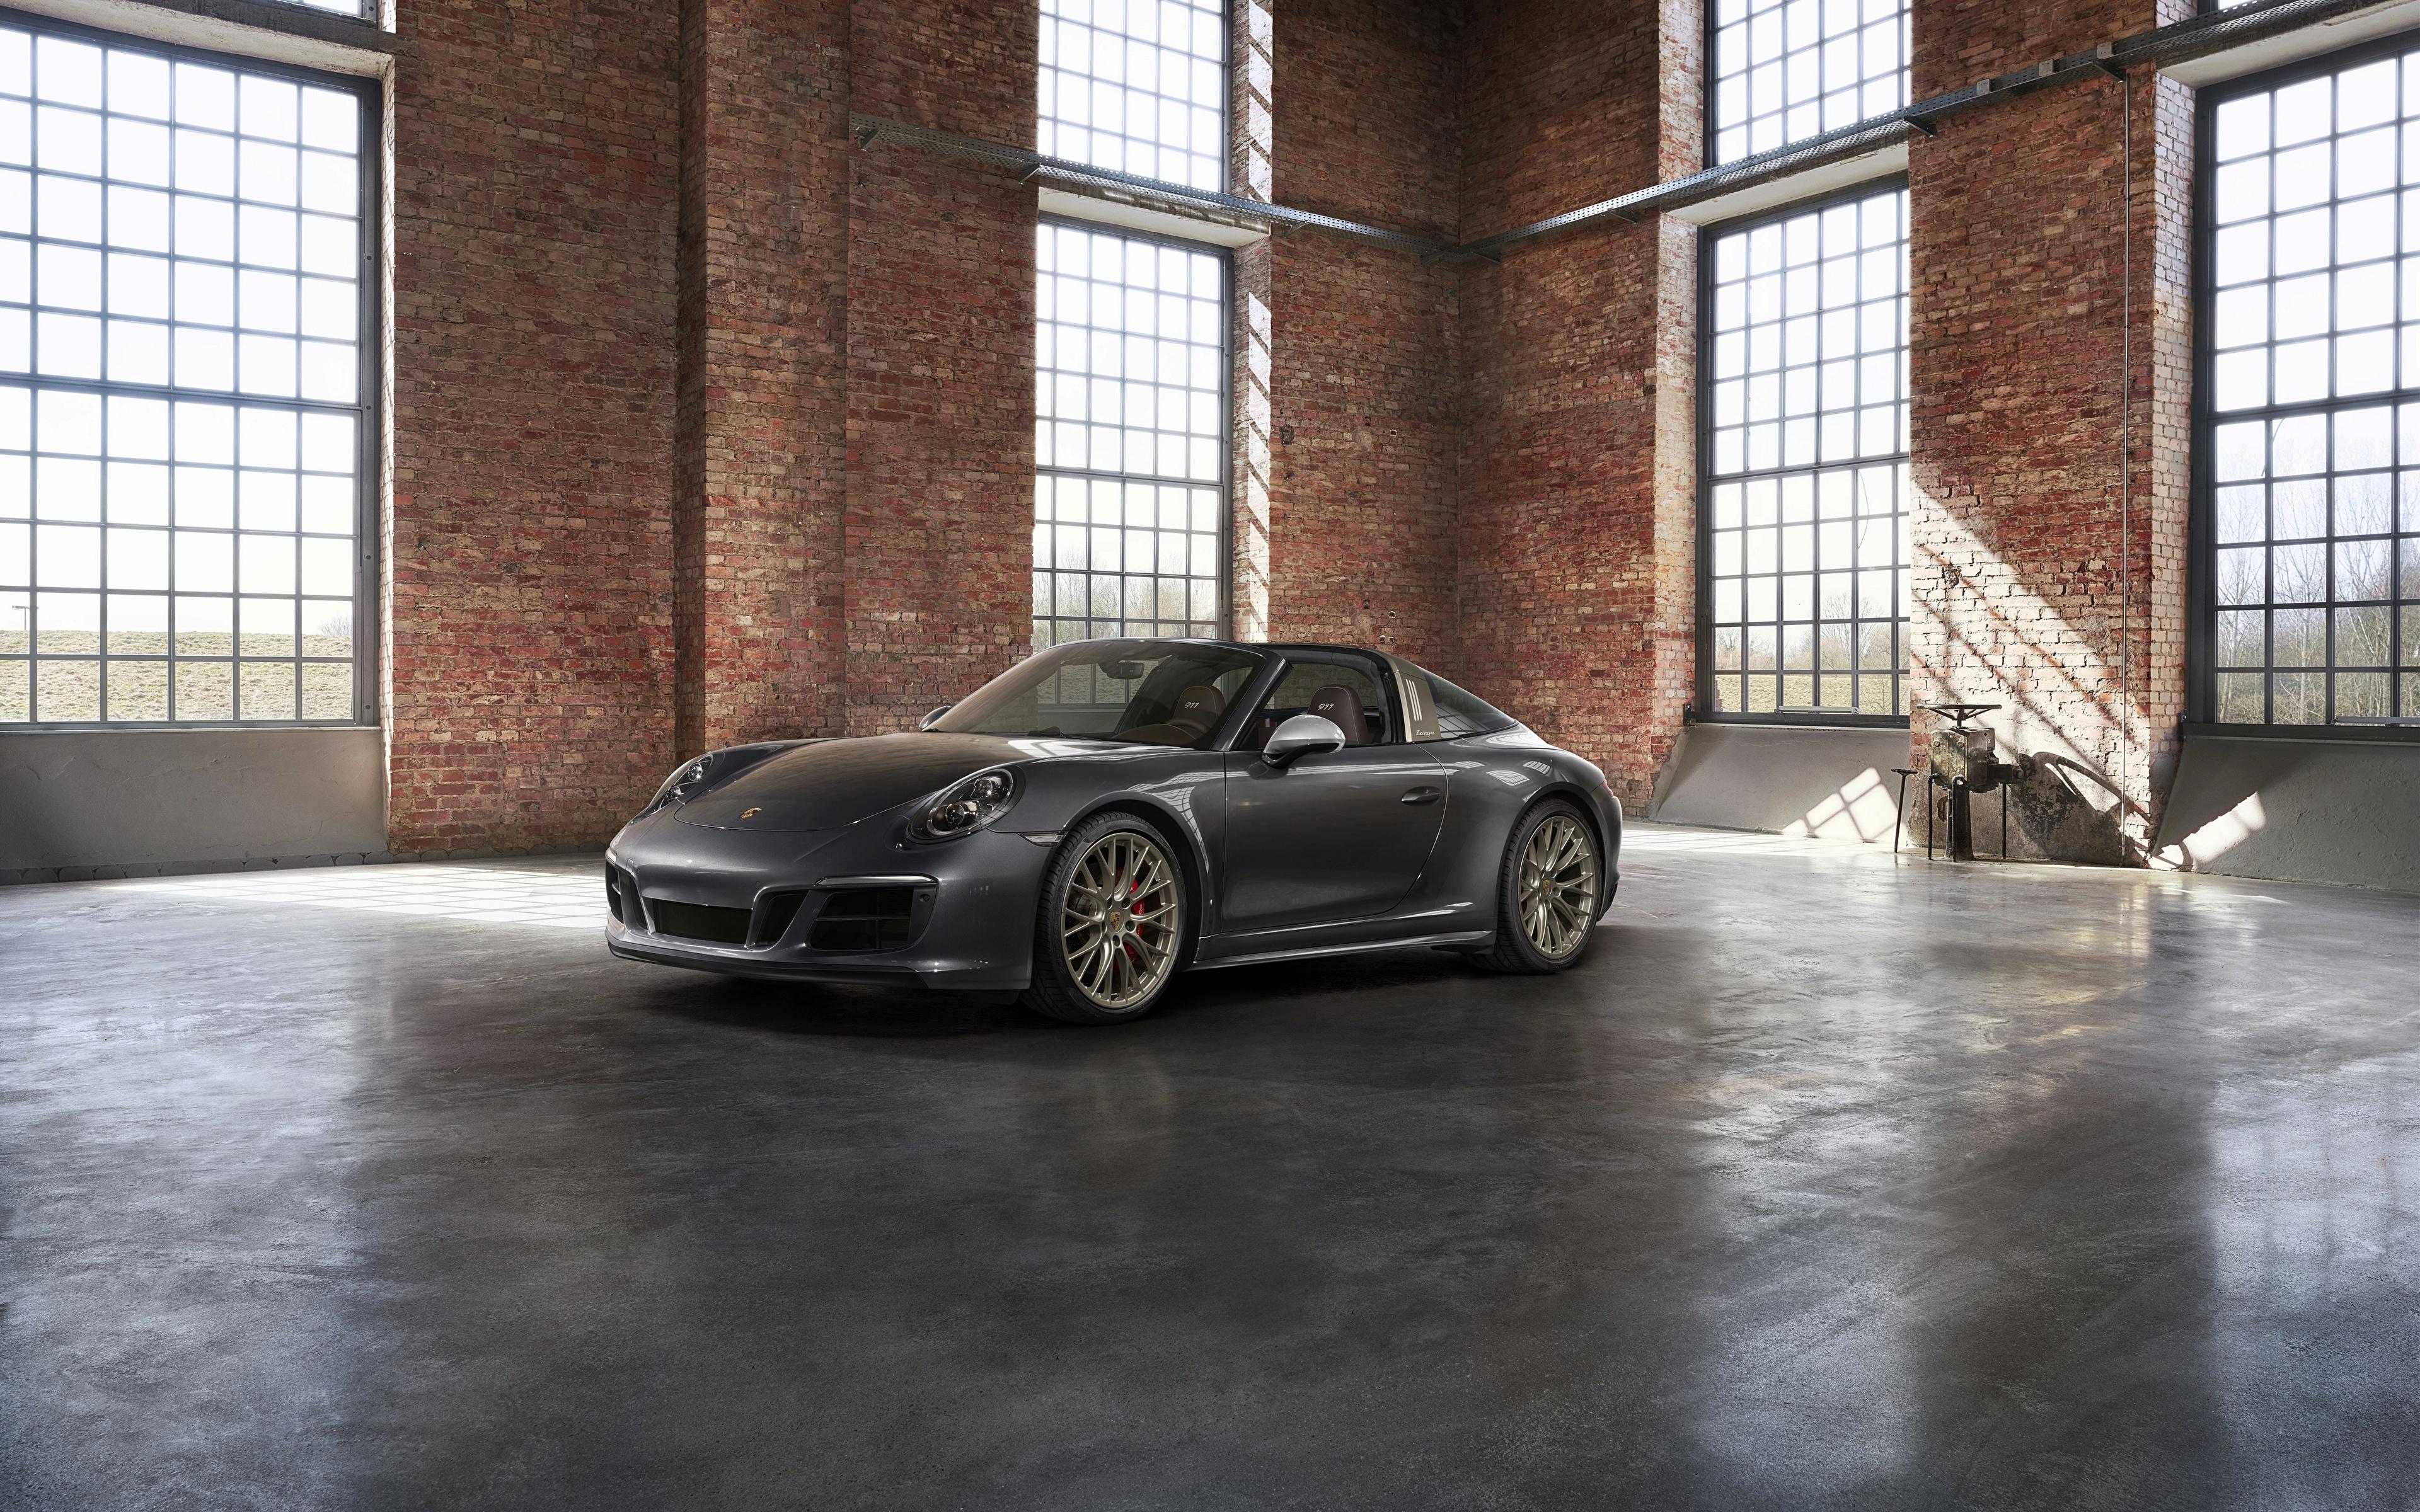 Картинки Porsche 4x4 Biturbo 911 Targa 4 GTS Exclusive Manufaktur Edition Родстер Серый Автомобили 3840x2400 Порше серые серая авто машина машины автомобиль